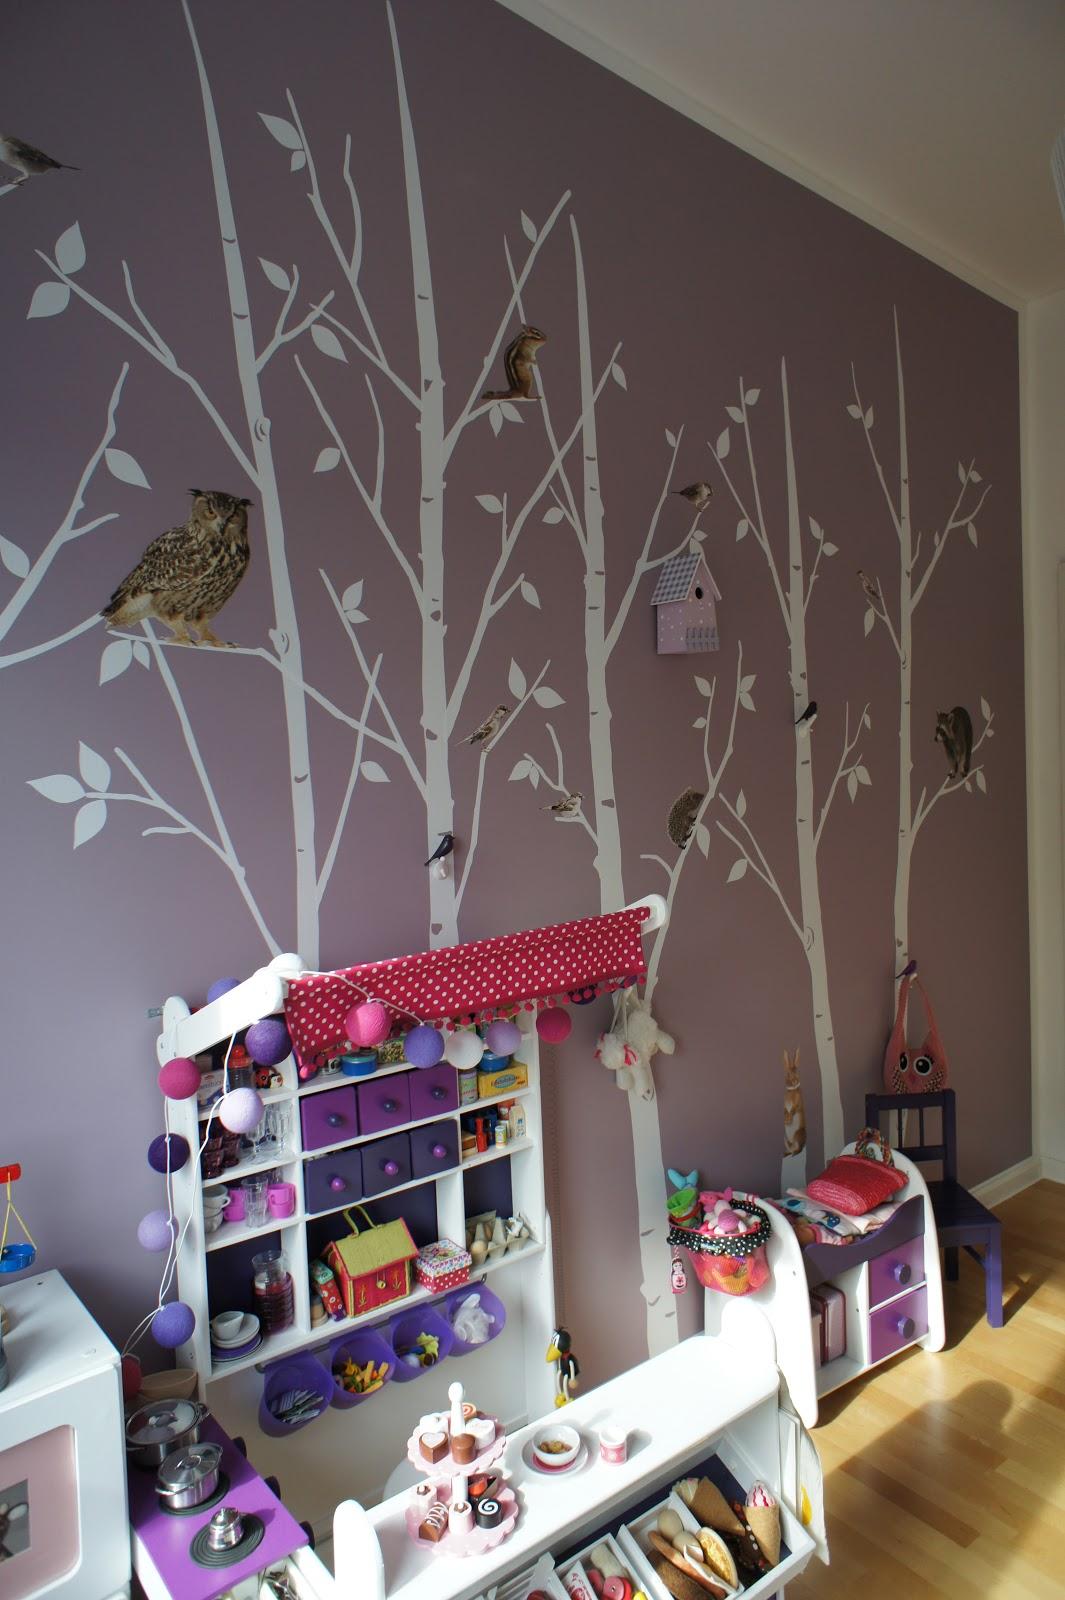 wandgestaltung kinderzimmer made by j a m t. Black Bedroom Furniture Sets. Home Design Ideas